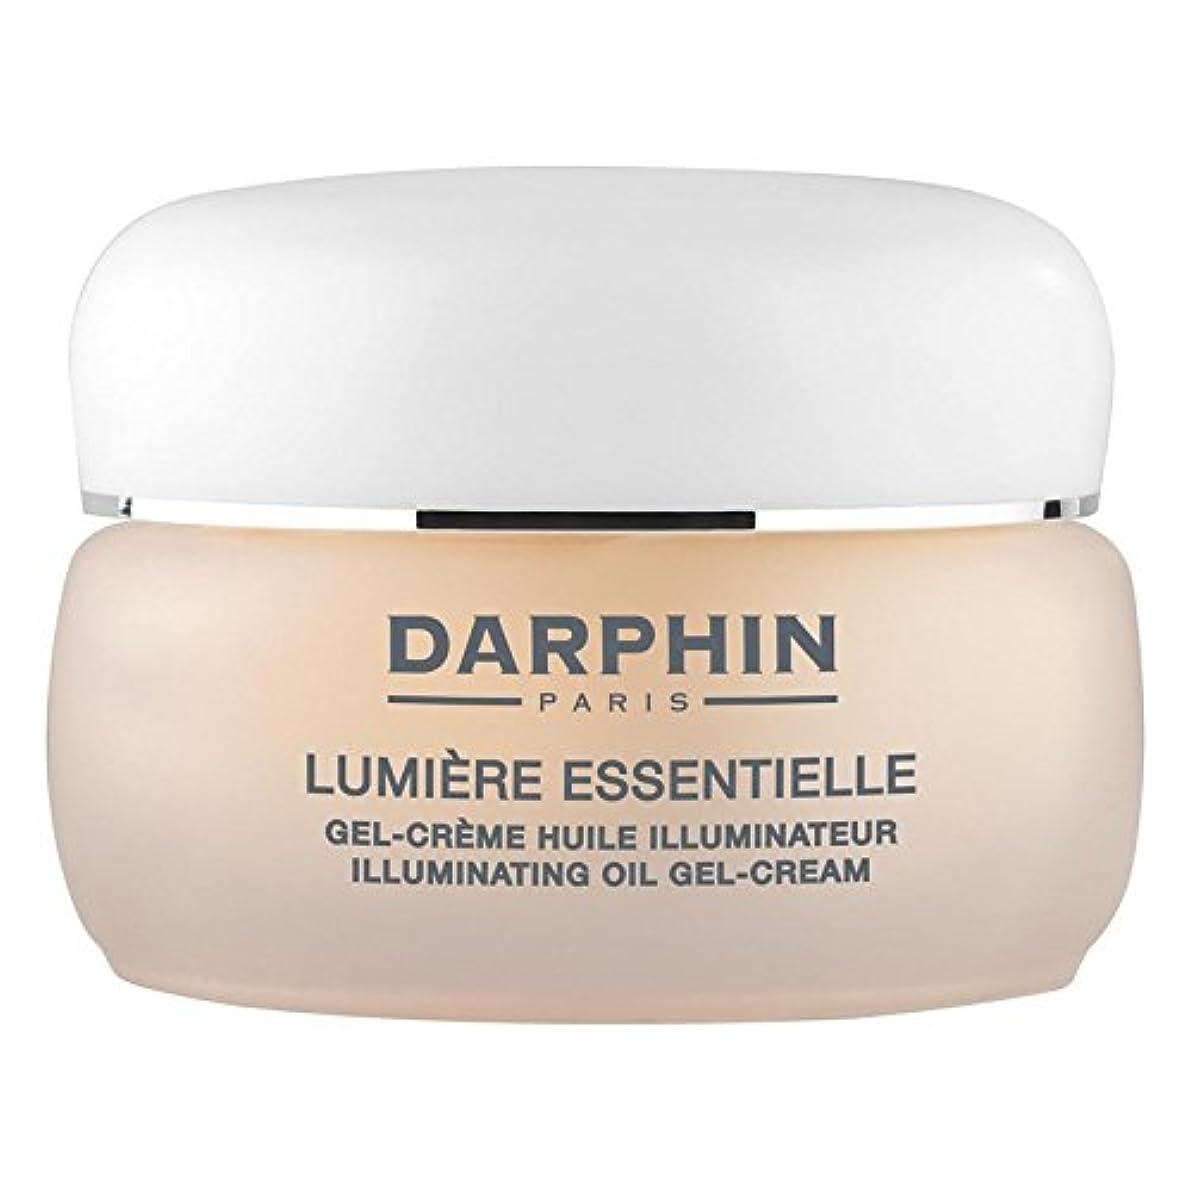 組立本物毎回ダルファンリュミエールクリーム x2 - Darphin Lumiere Essentiell Cream (Pack of 2) [並行輸入品]